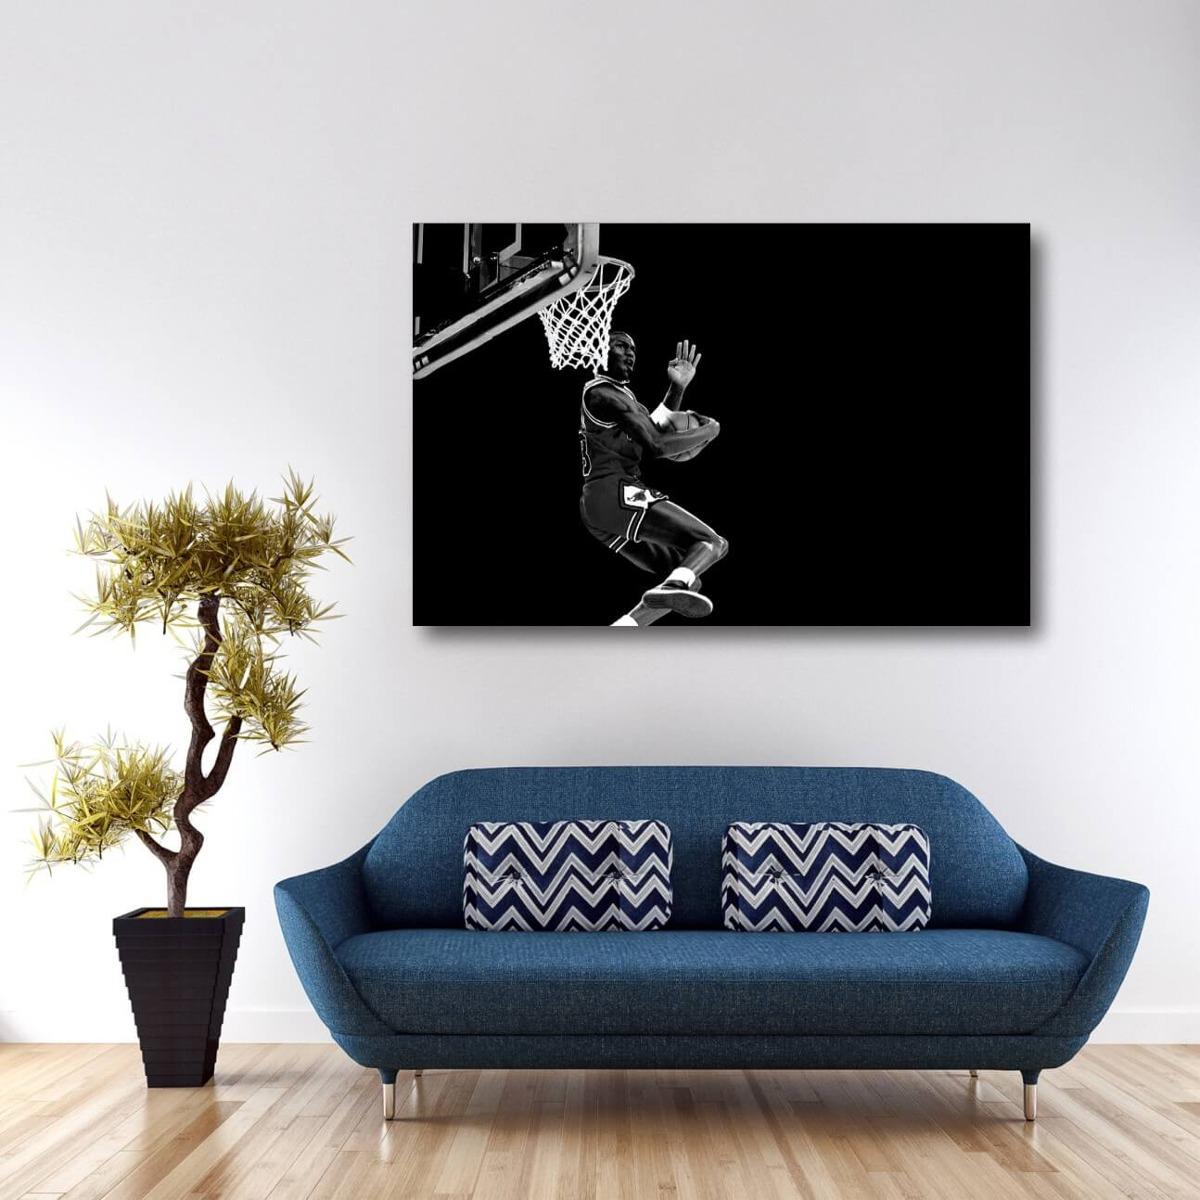 4b350010659 quadro michael jordan basquete decorativo - tela em tecido. Carregando zoom.